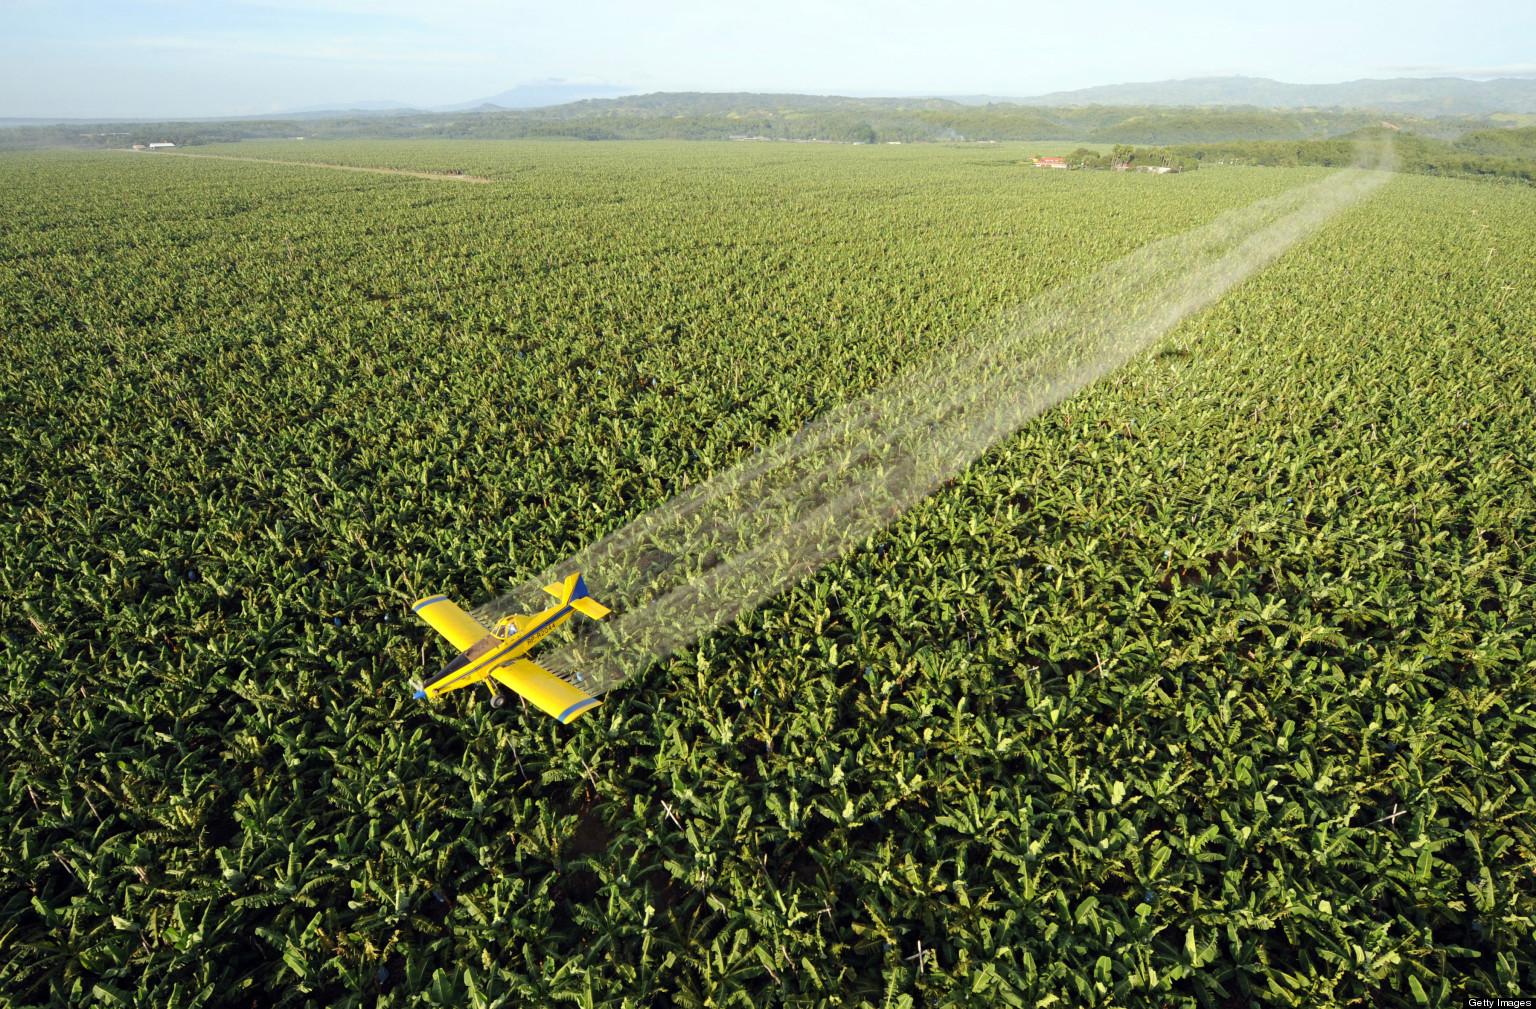 Topul produselor pline de pesticide